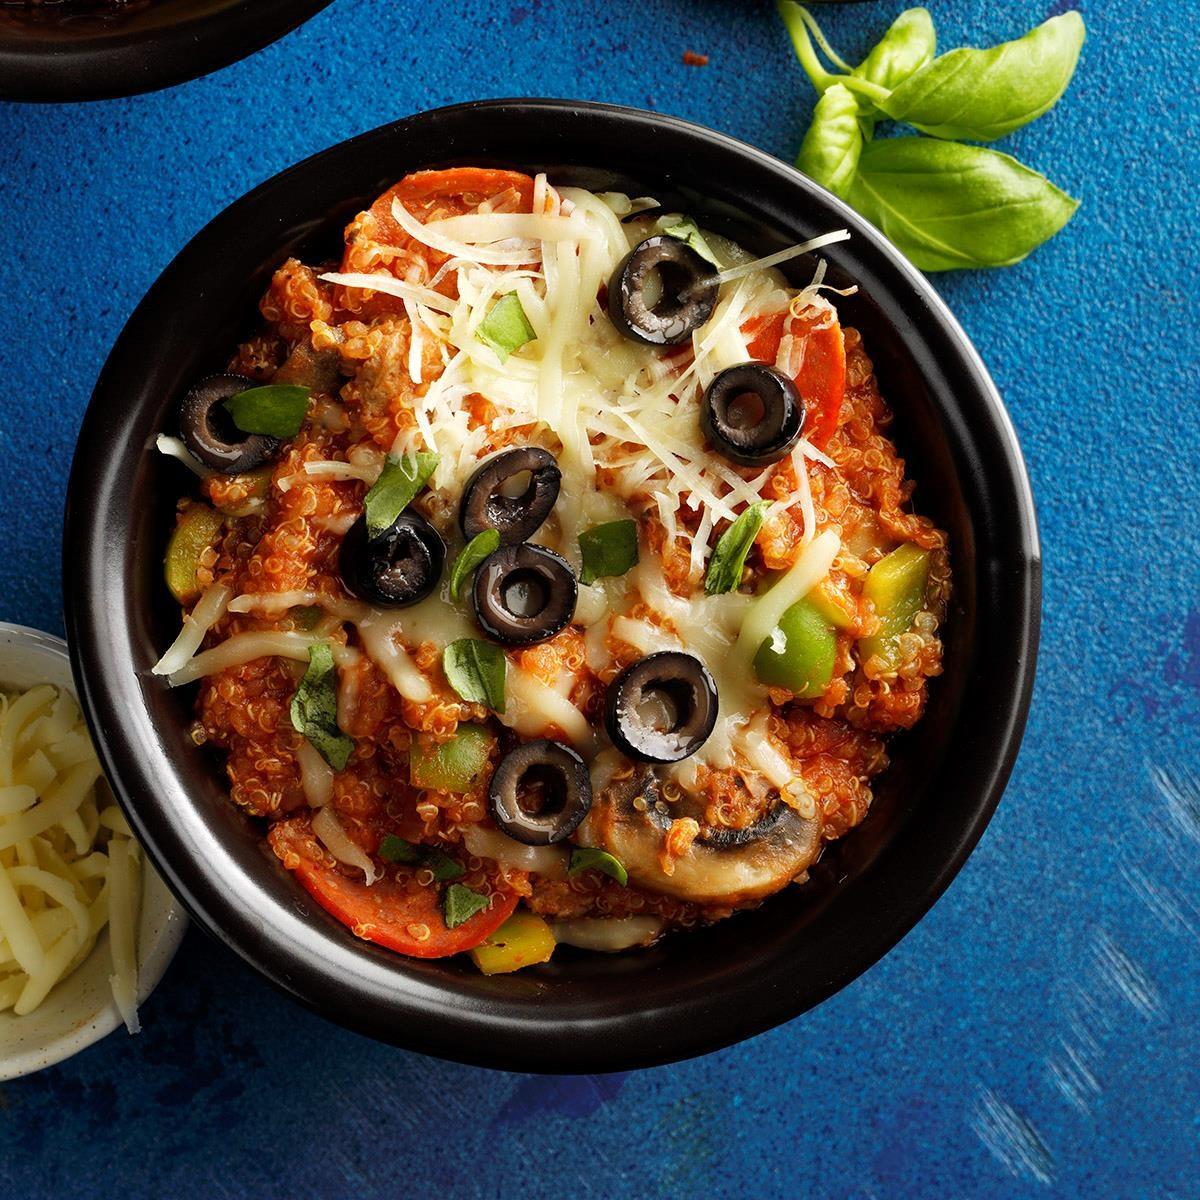 Saturday: Pizza Quinoa Casserole